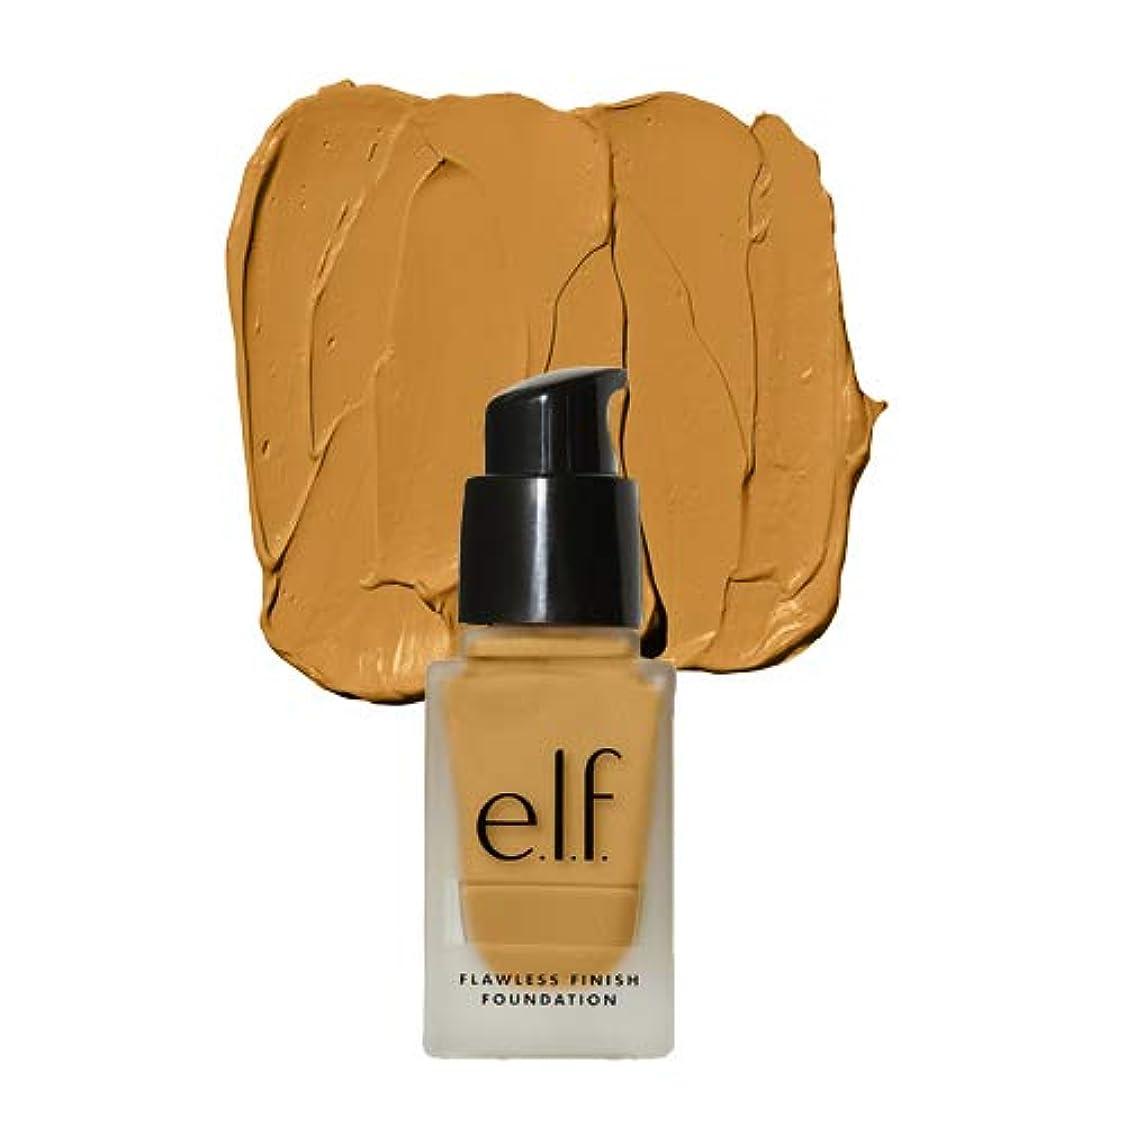 予報の前で仲間(3 Pack) e.l.f. Oil Free Flawless Finish Foundation - Almond (並行輸入品)